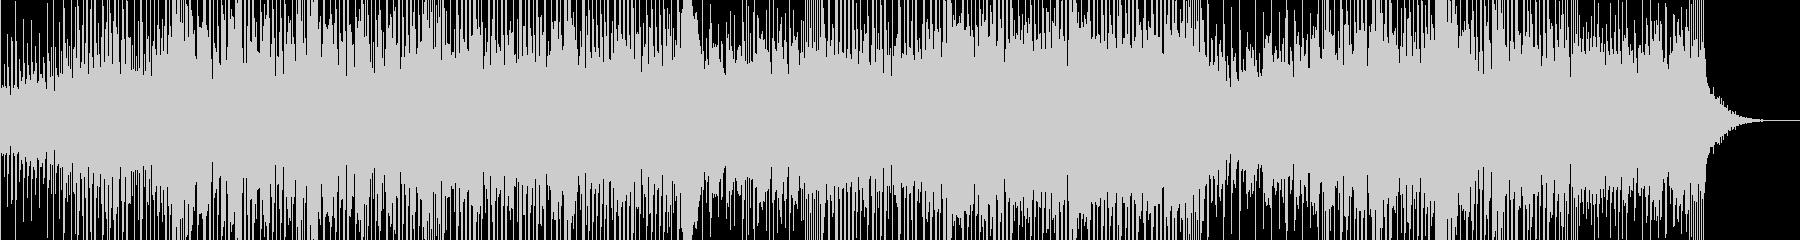 ベル系エレピの音色が印象的なロック曲の未再生の波形